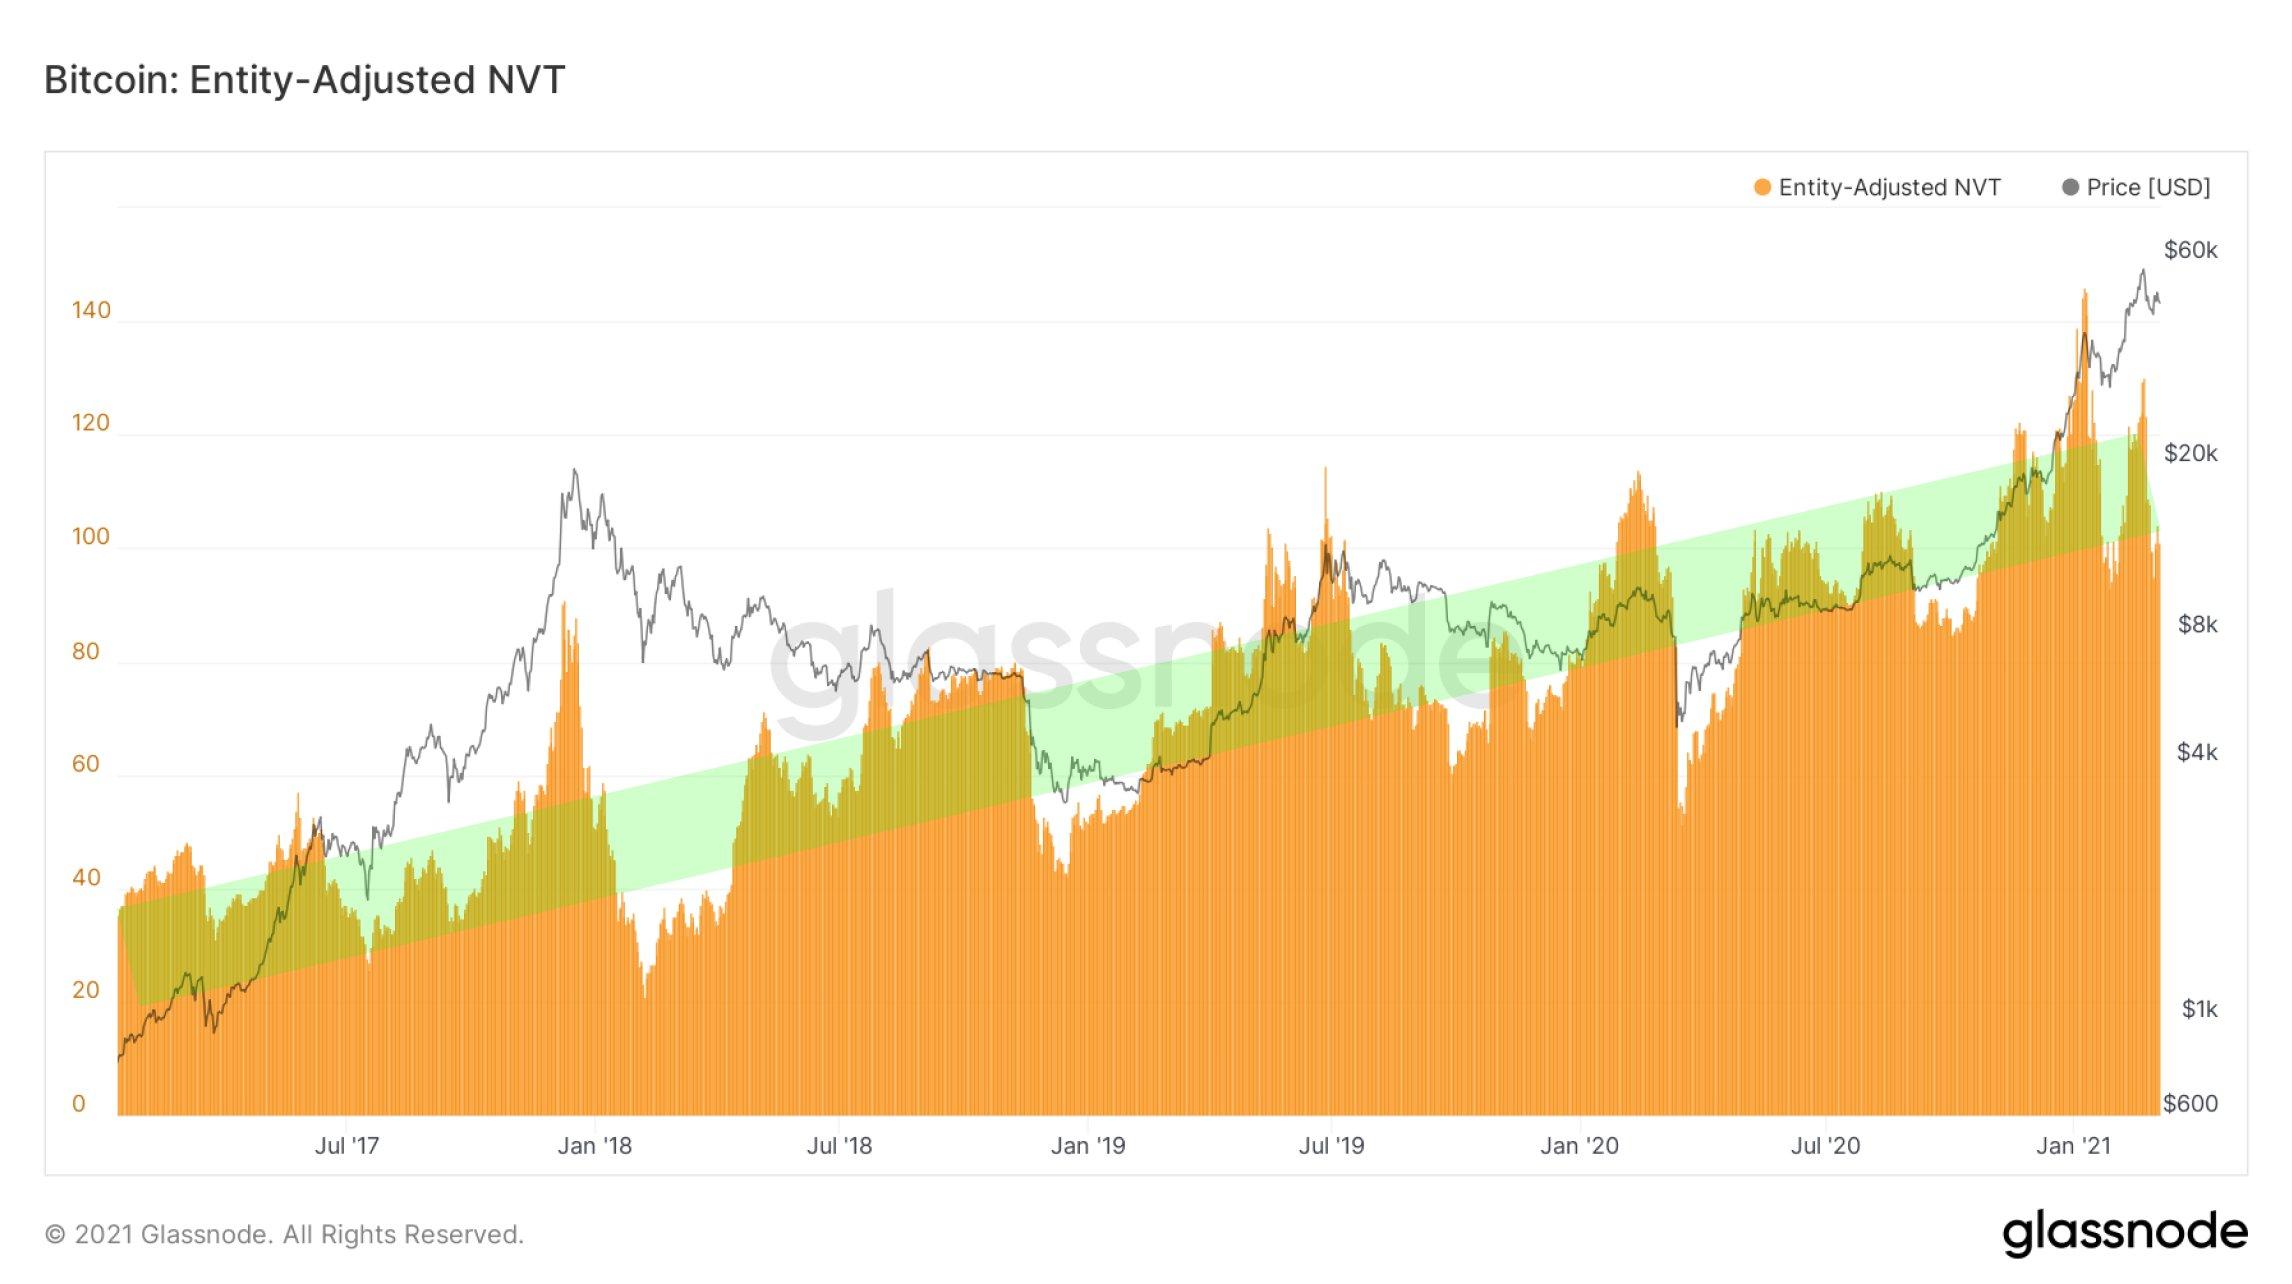 Grafico dell'entity-adjusted NVT di Bitcoin